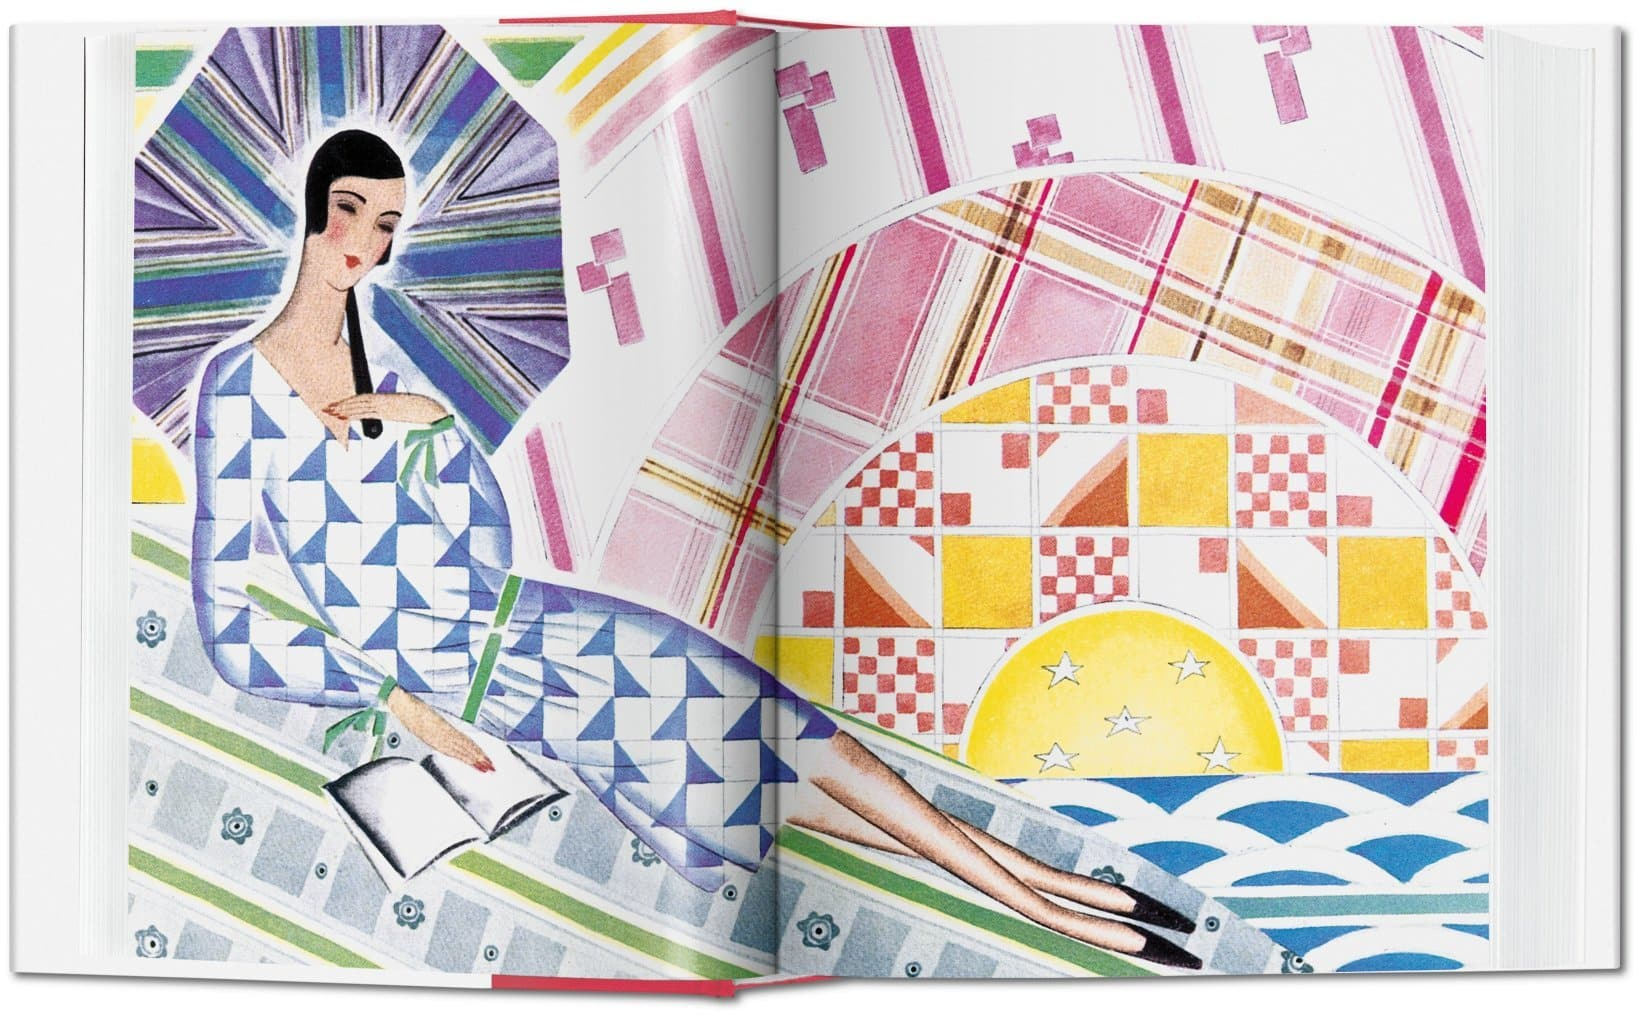 taschen 100 years fashion ad art book